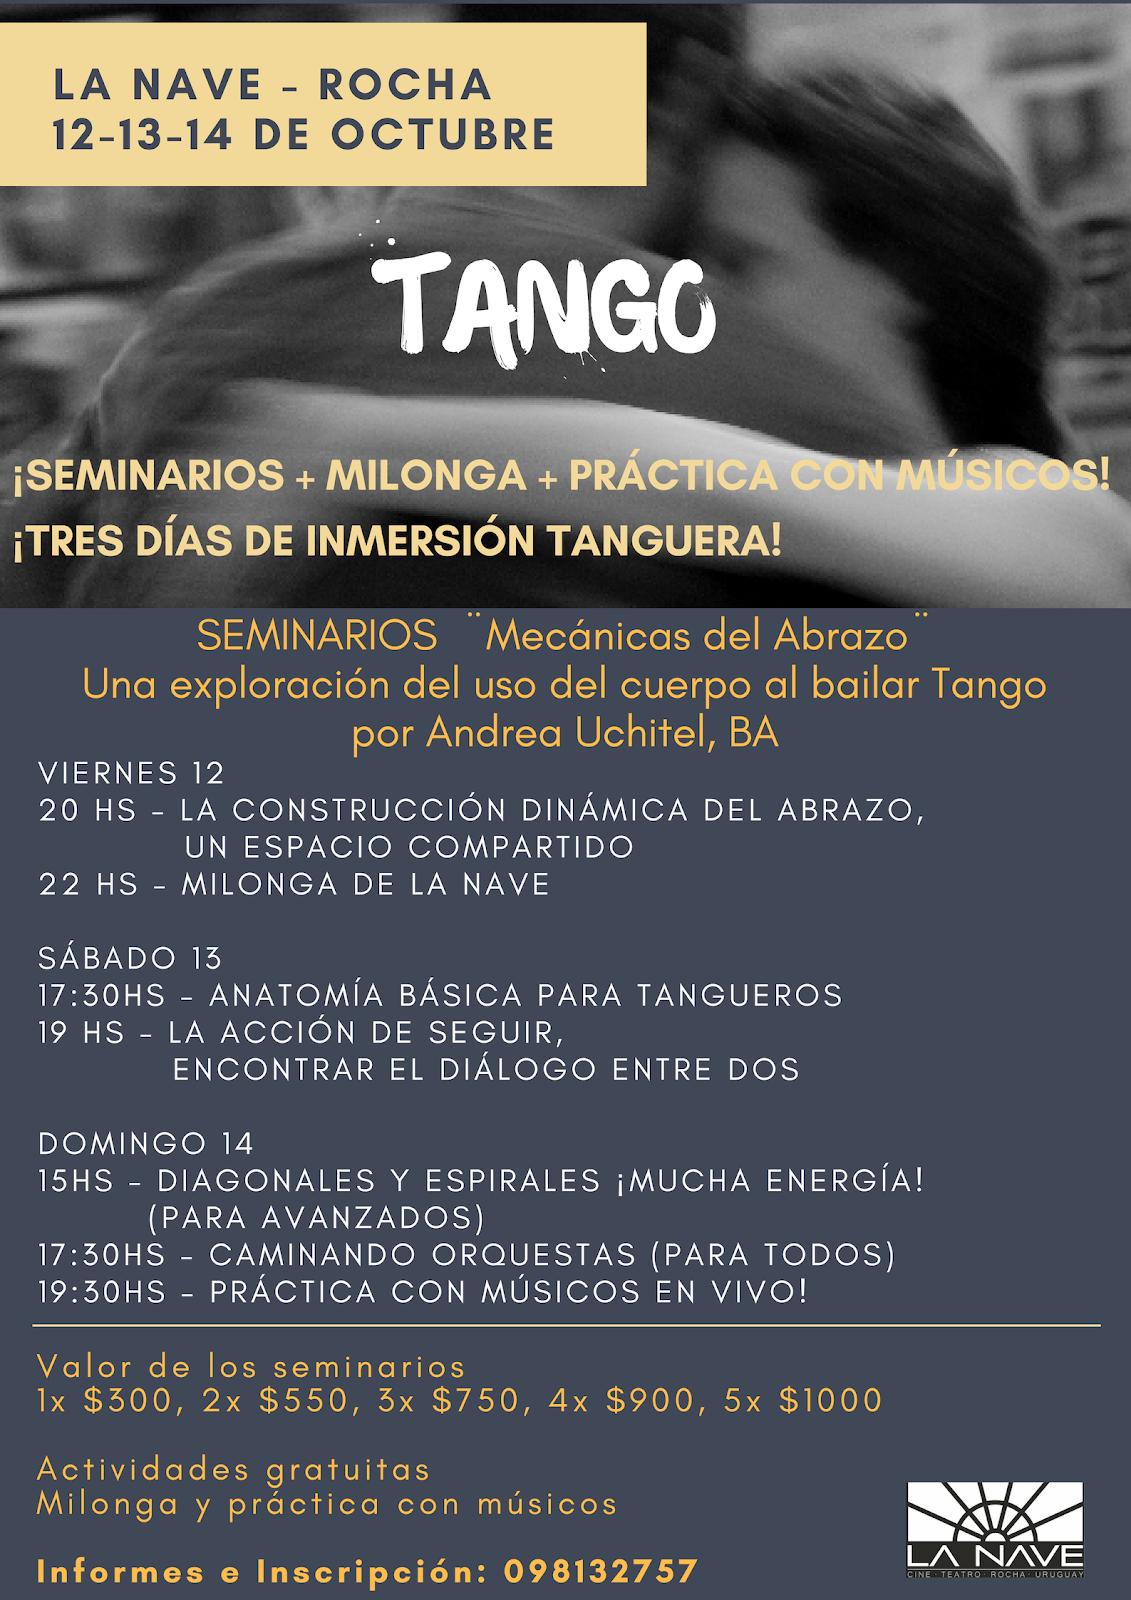 Inmersión Tanguera en Rocha, Uruguay